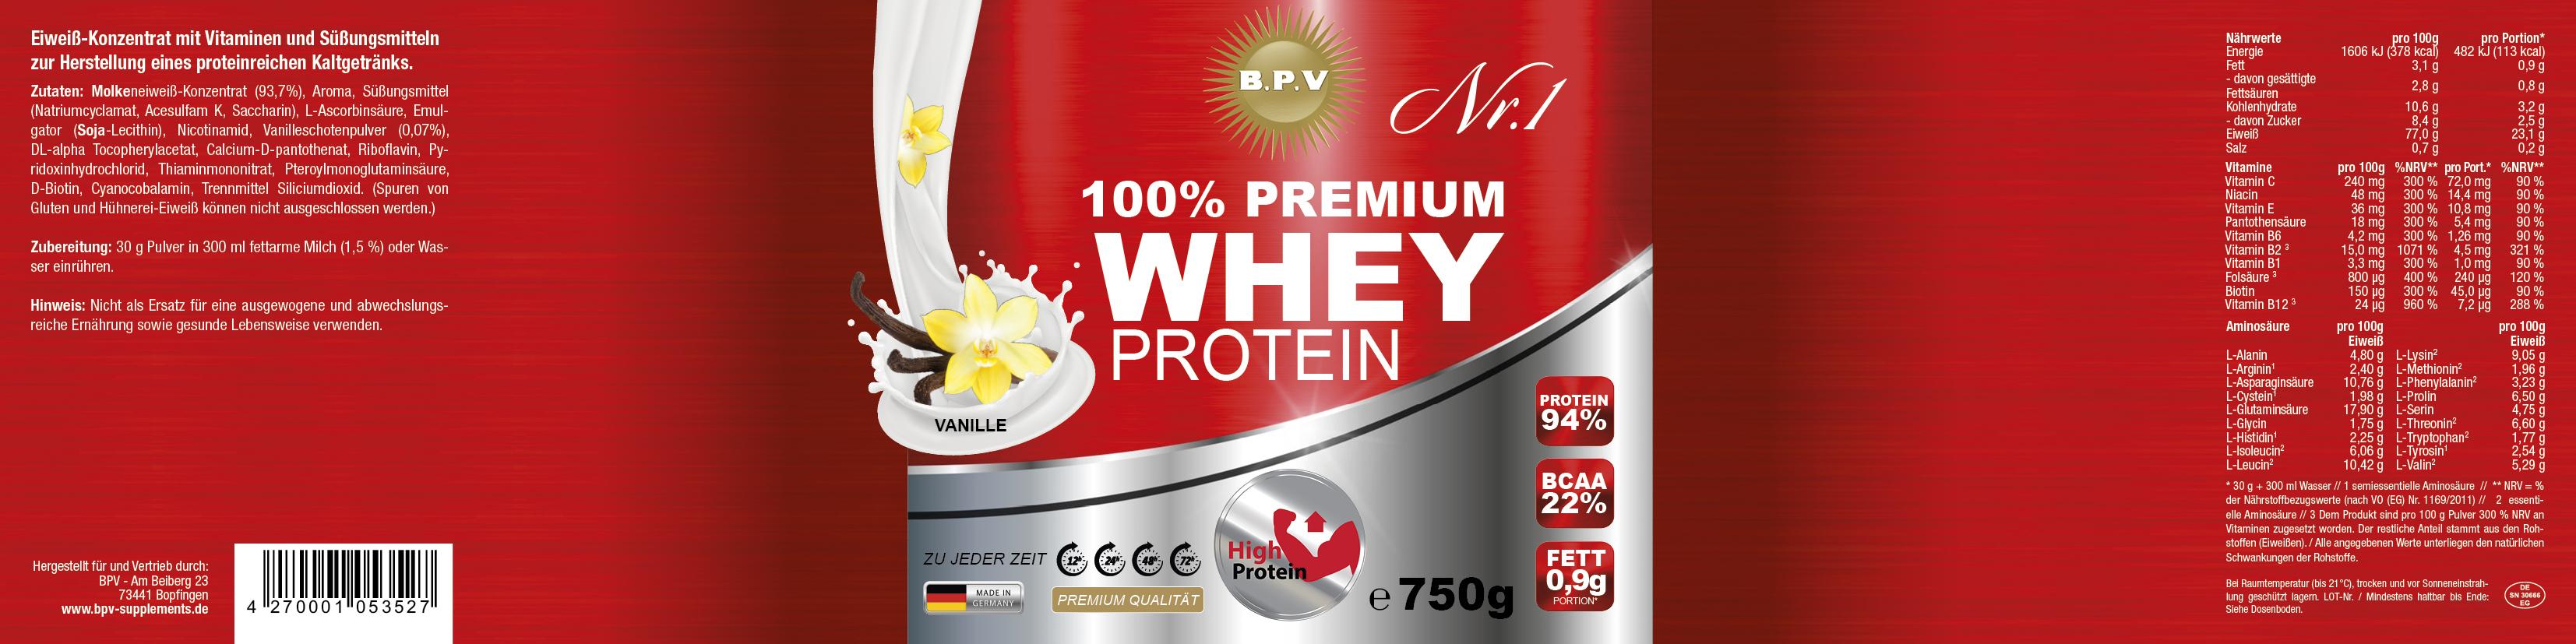 ANSICHT_Whey-Protein_750g_Vanille_BL_WL